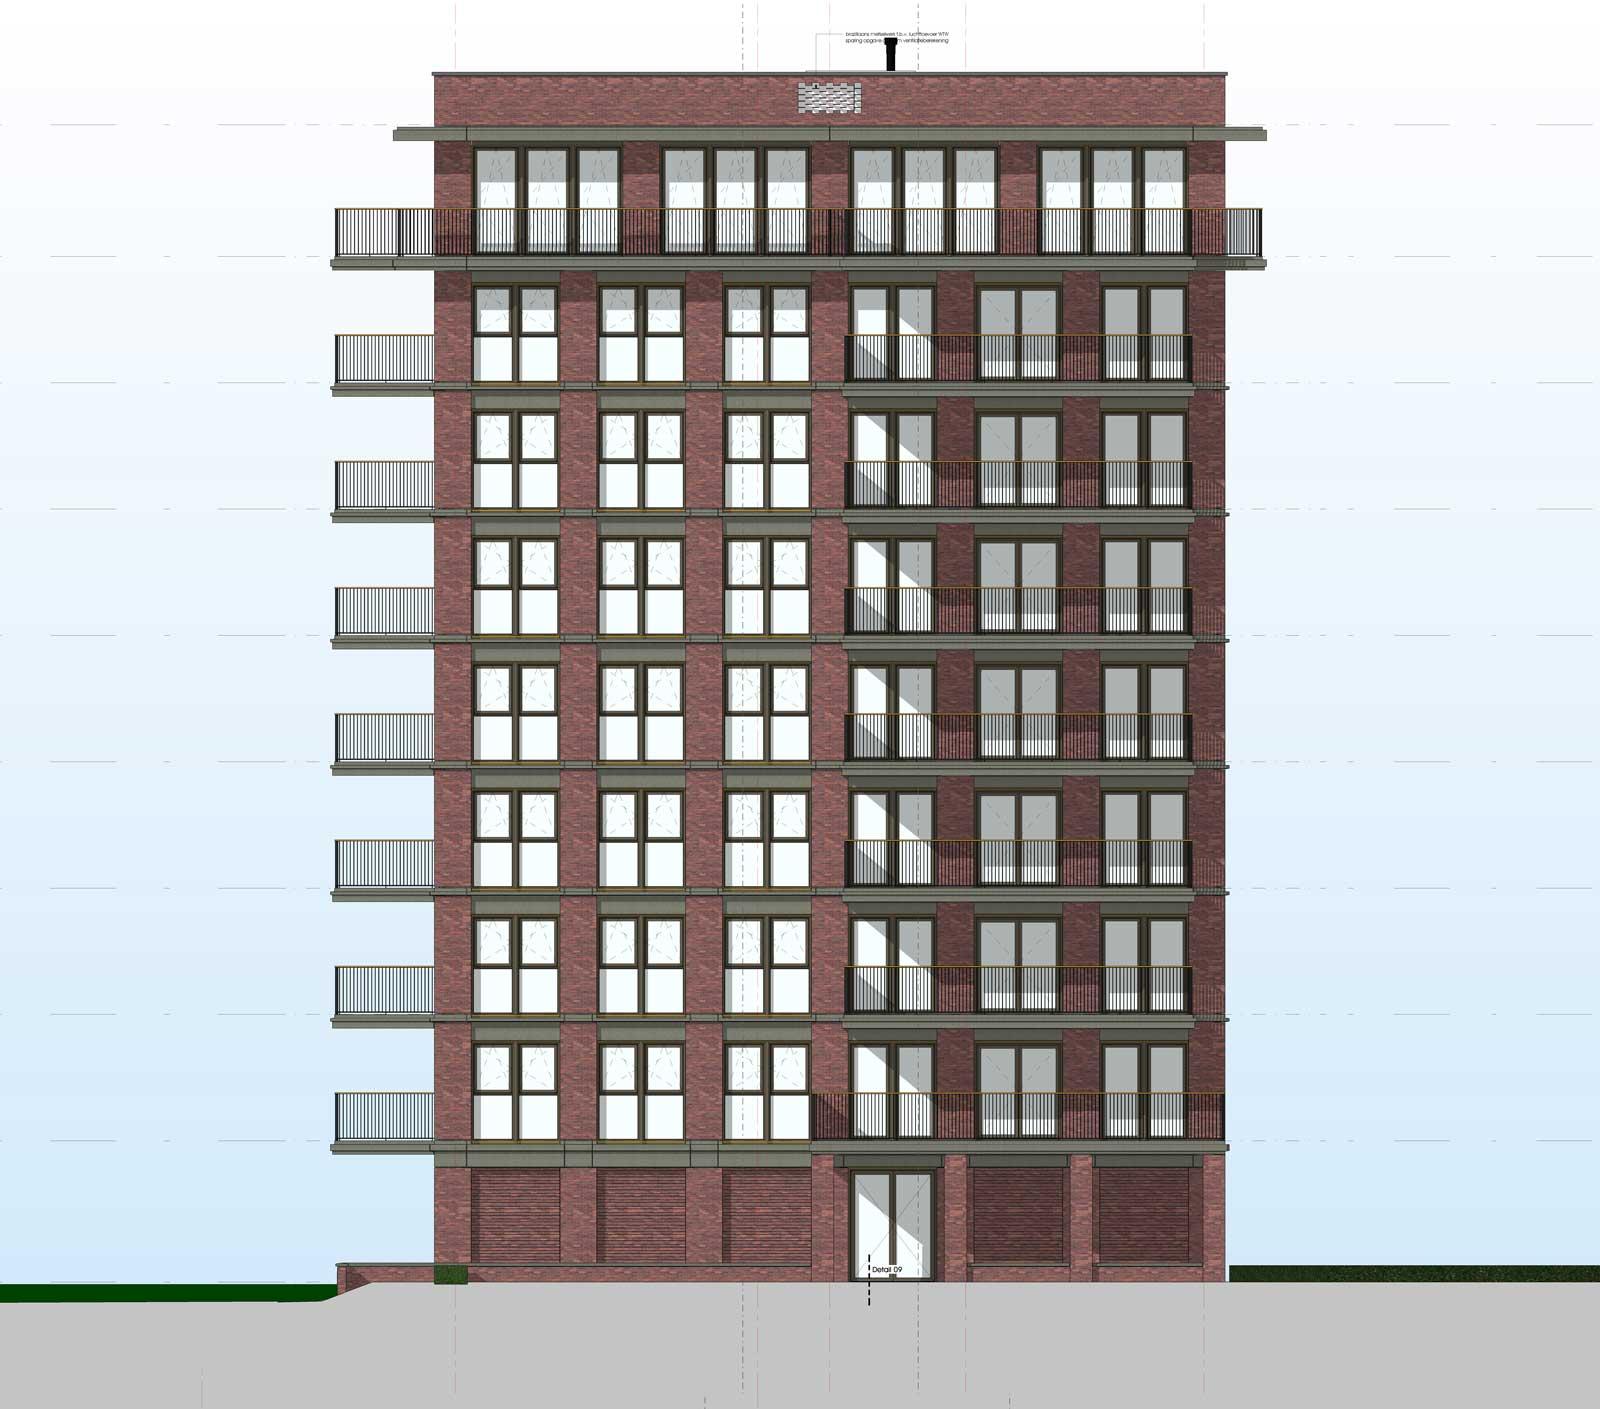 Ede residentie Enka appartementencomplex - Rechter zijgevel